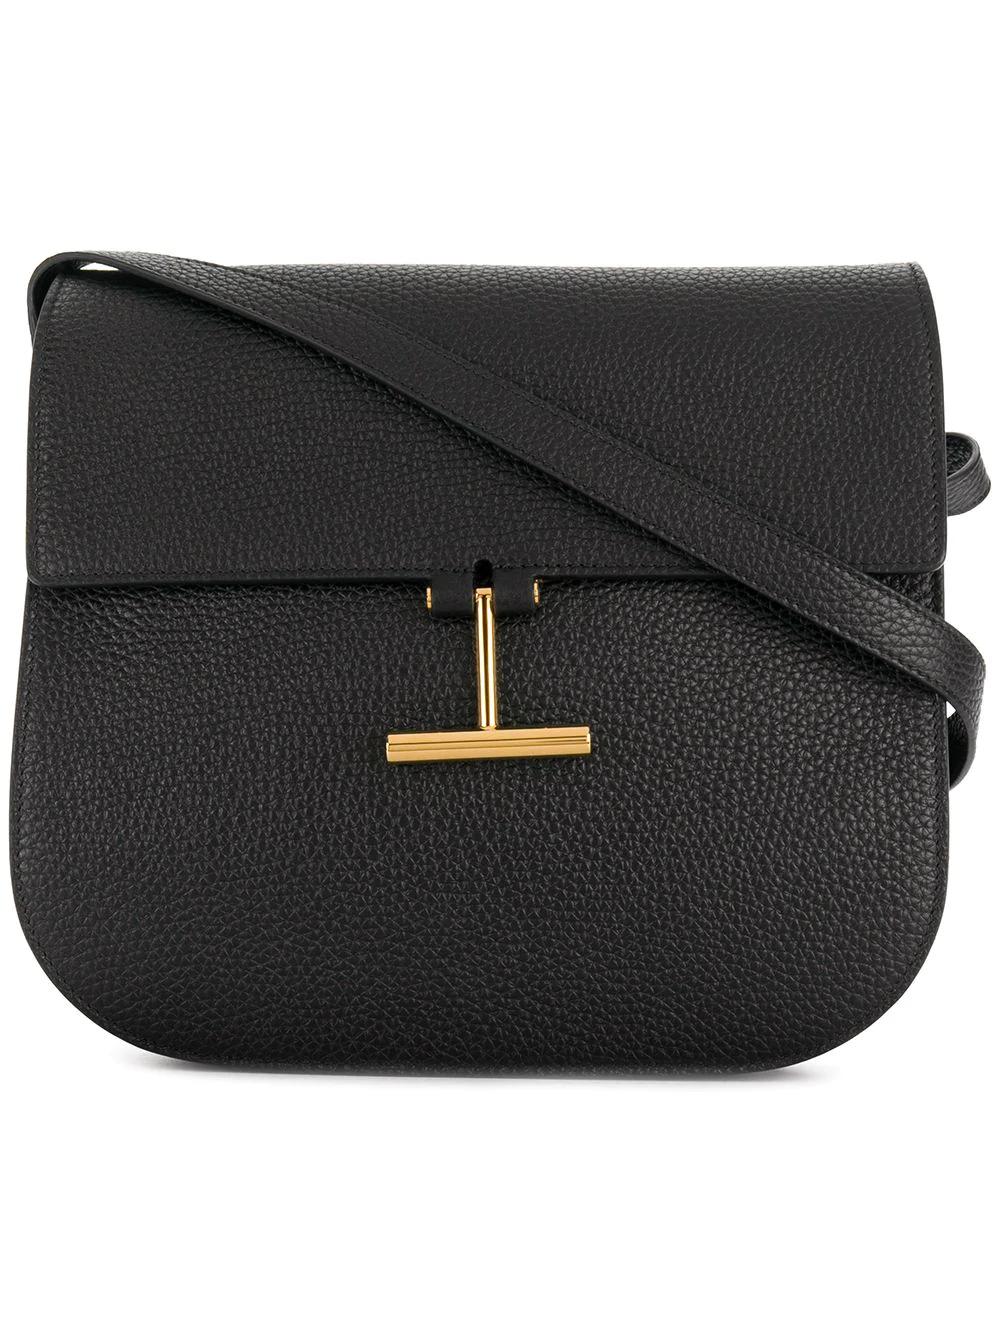 Tom Ford | сумка на плечо с откидным клапаном | Clouty